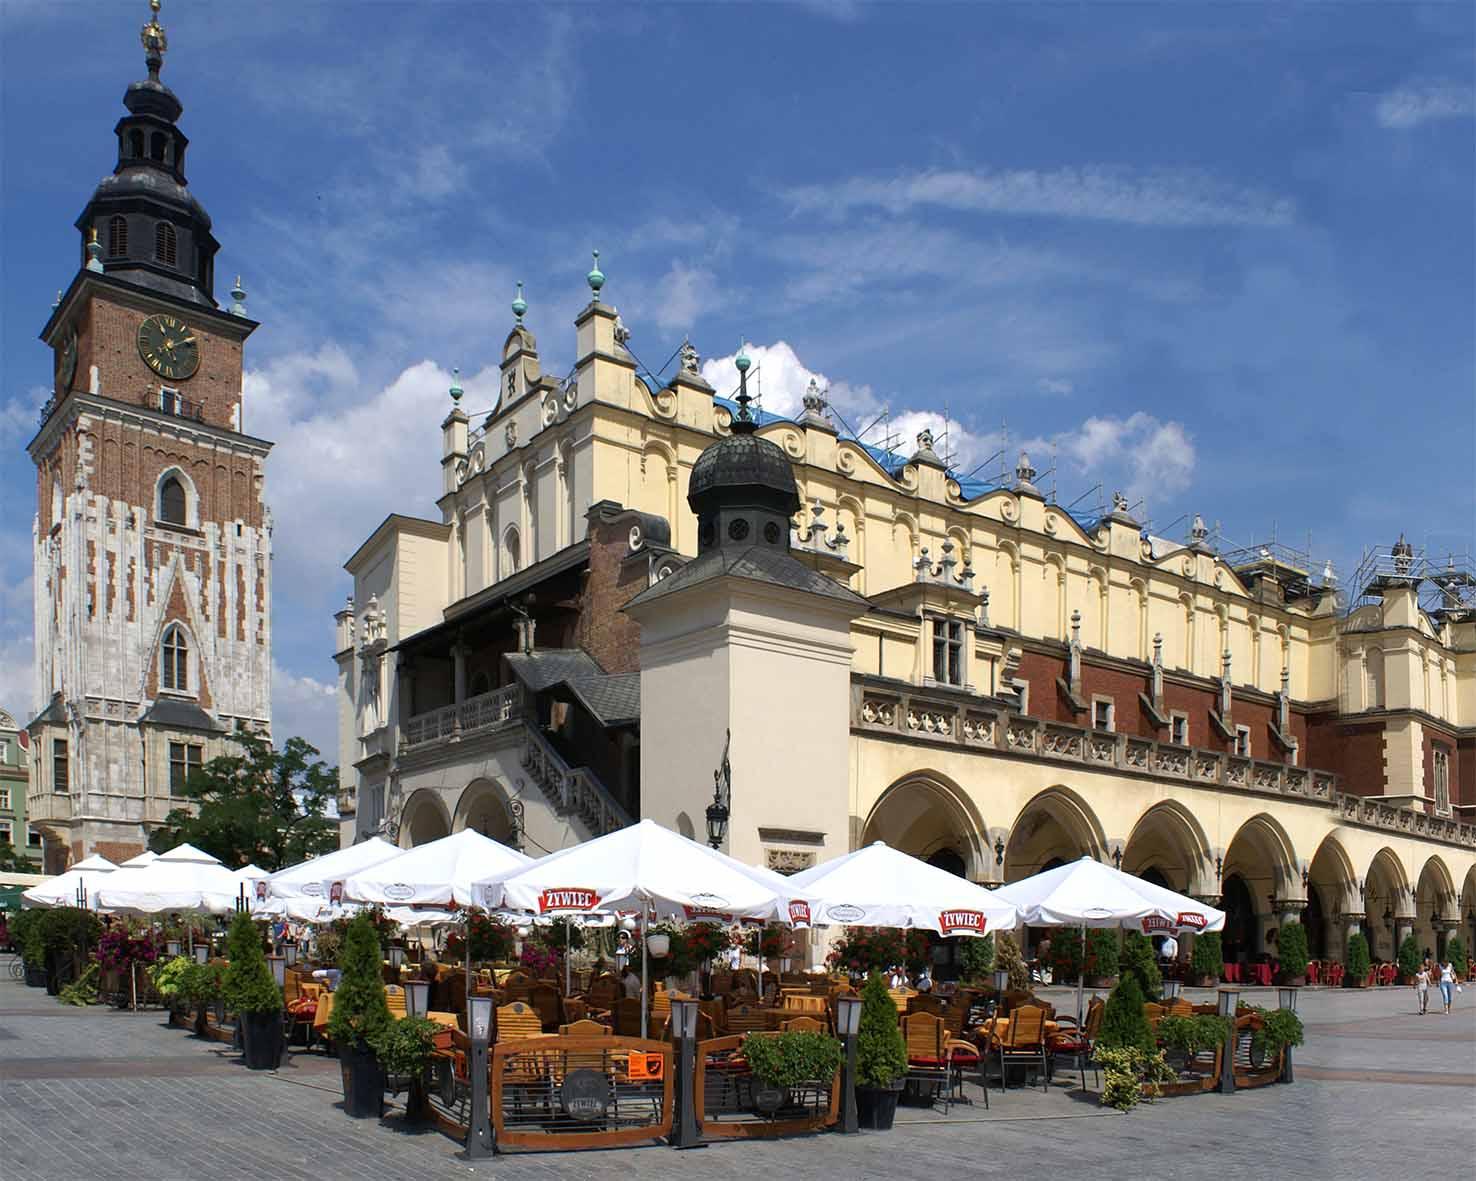 Radreise Polen, KSWI, Fot. 4